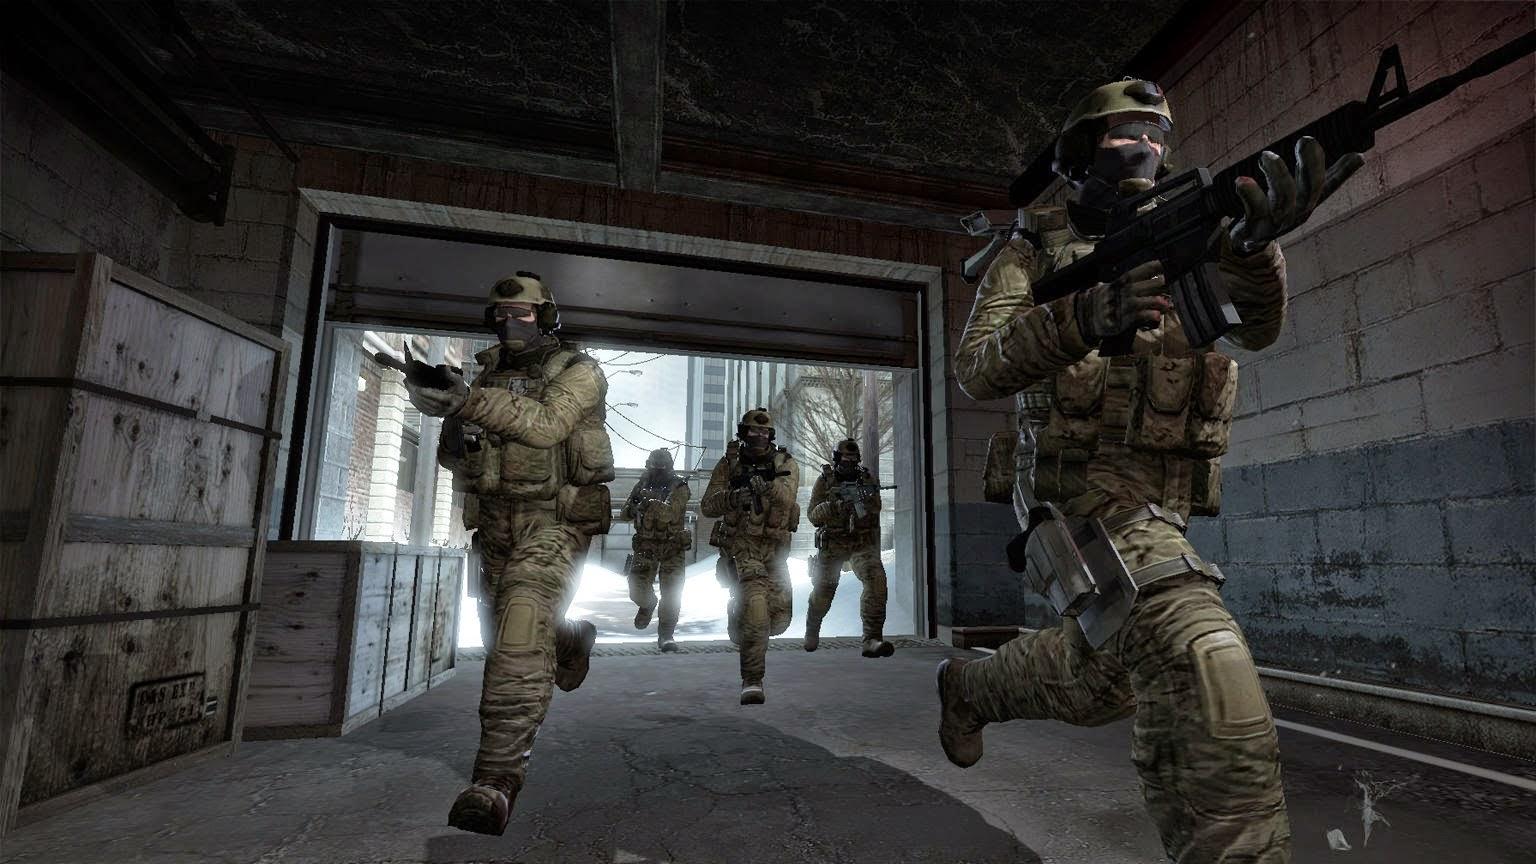 تحميل لعبة الأكشن و الإثارة Counter-Strike Global Offensive Counter-Strike-Global-Offensive-2